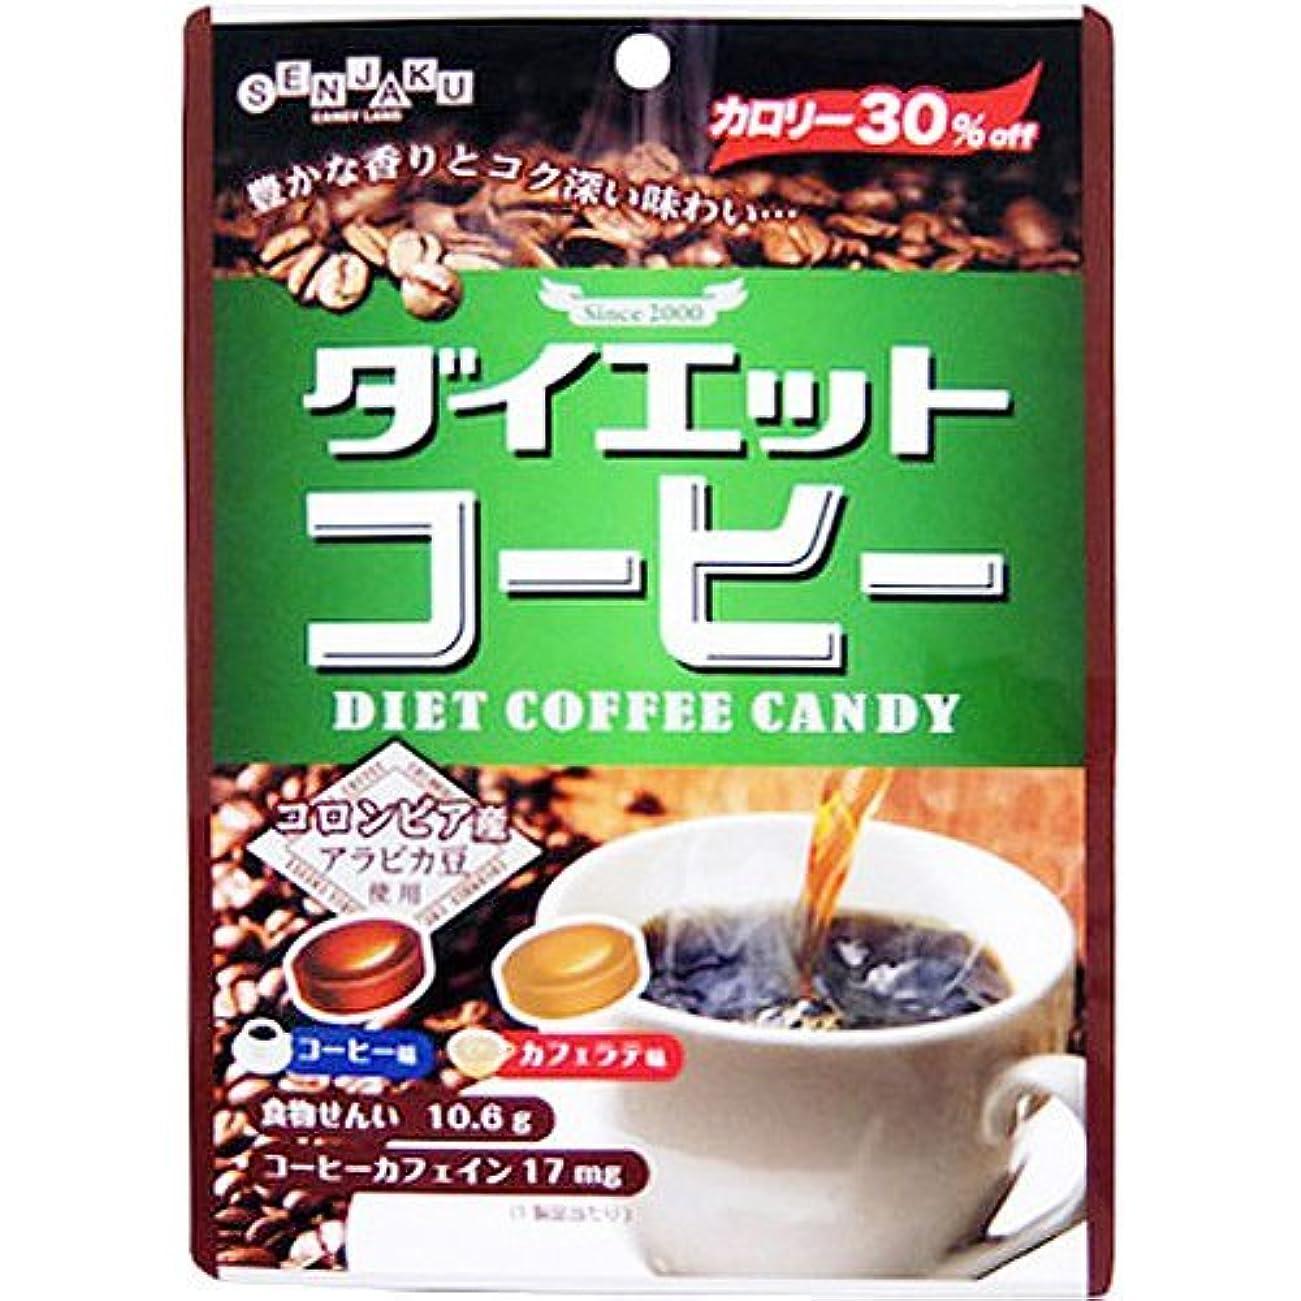 ラボジャンプ笑い扇雀飴本舗 ダイエットコーヒー 80g